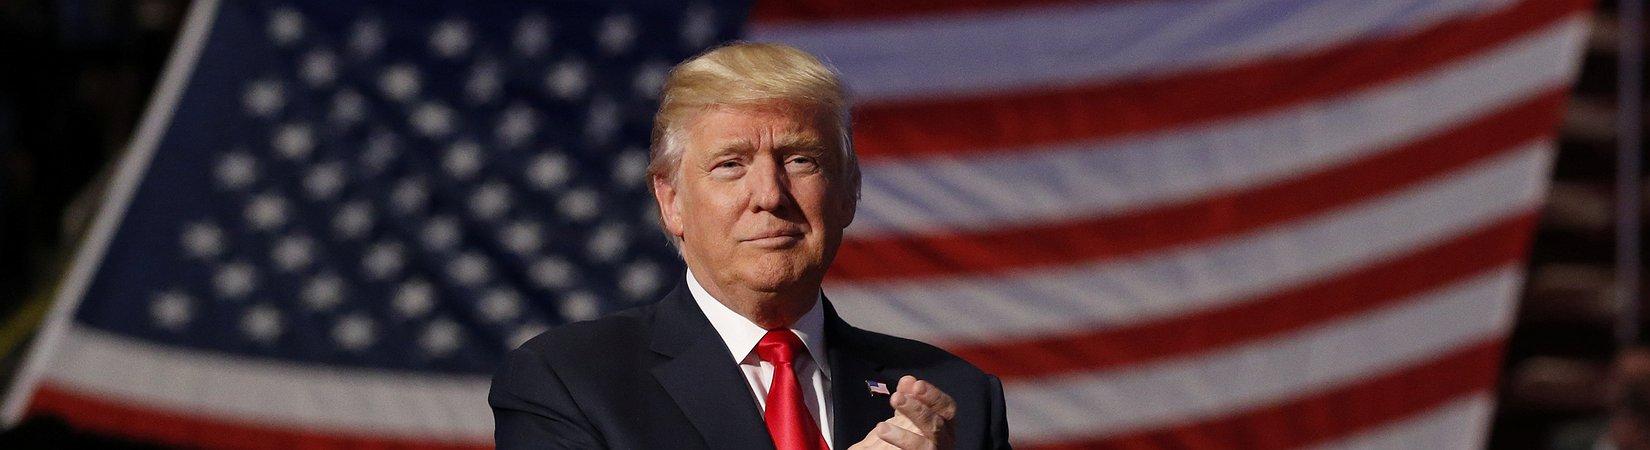 La Casa Blanca no cambiará a Donald Trump